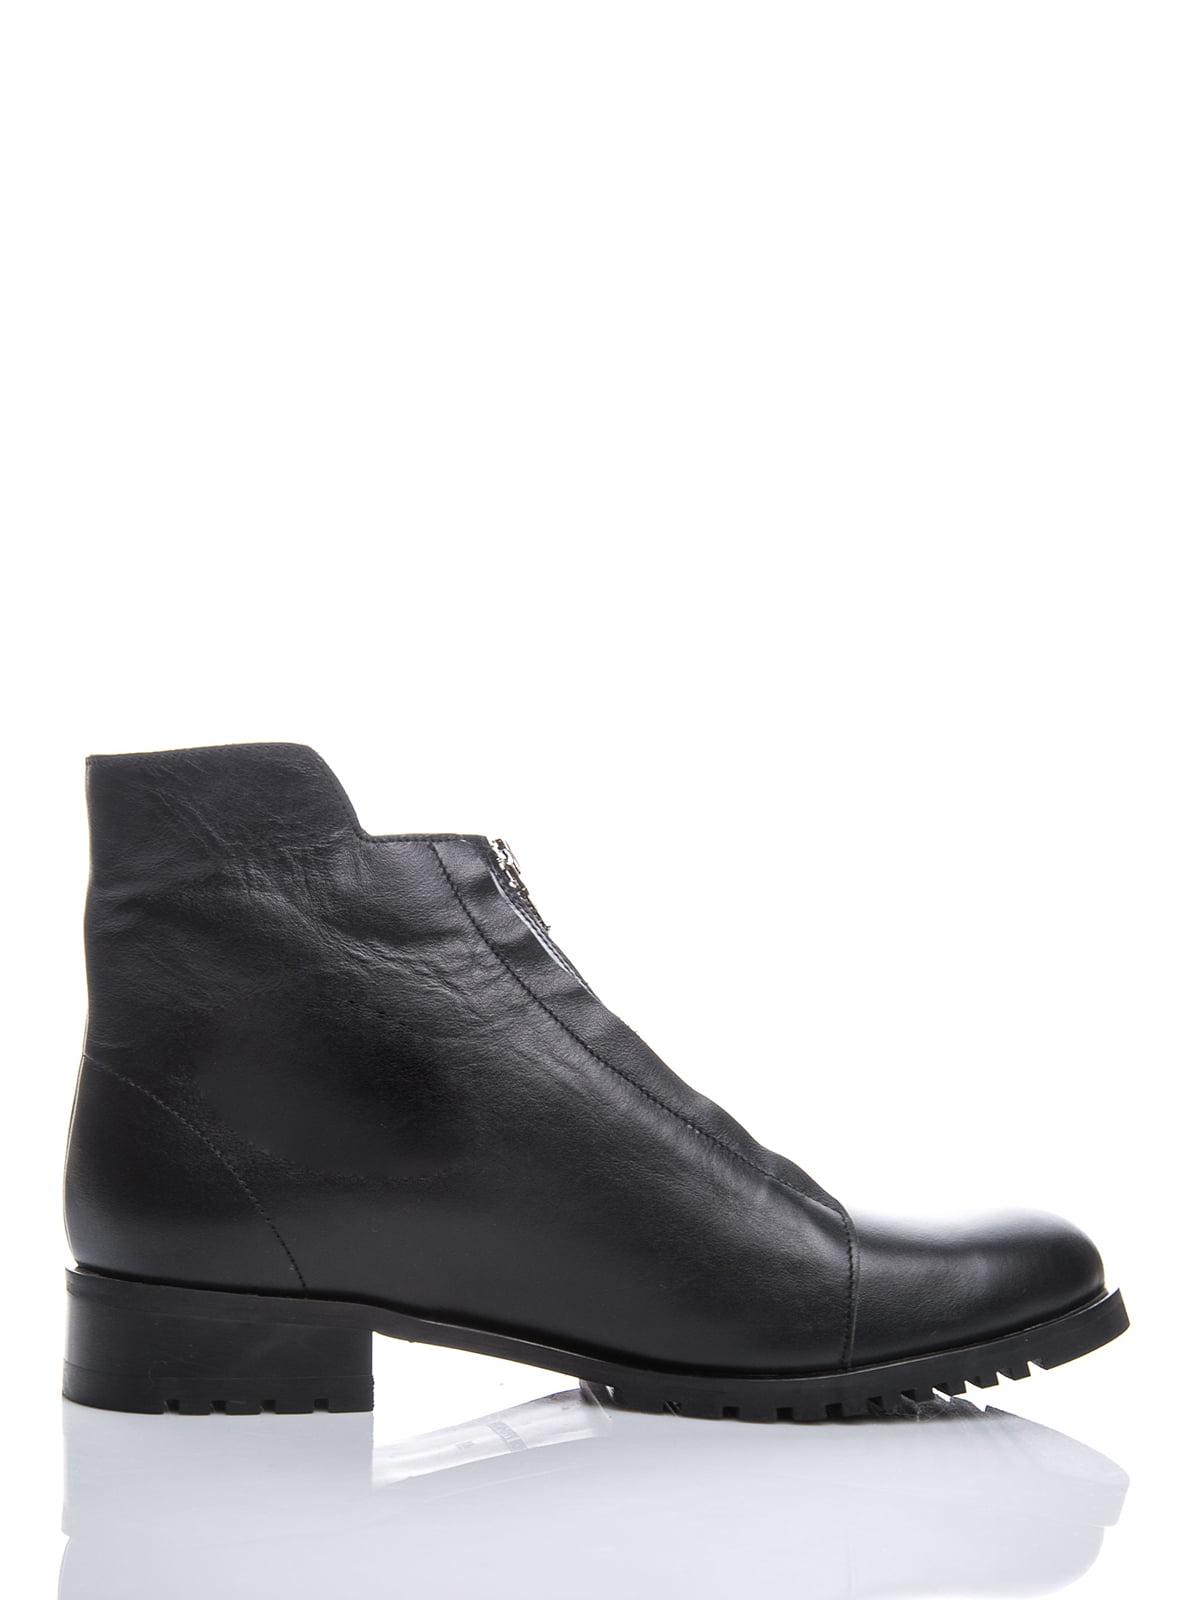 Ботинки черные | 3656801 | фото 4